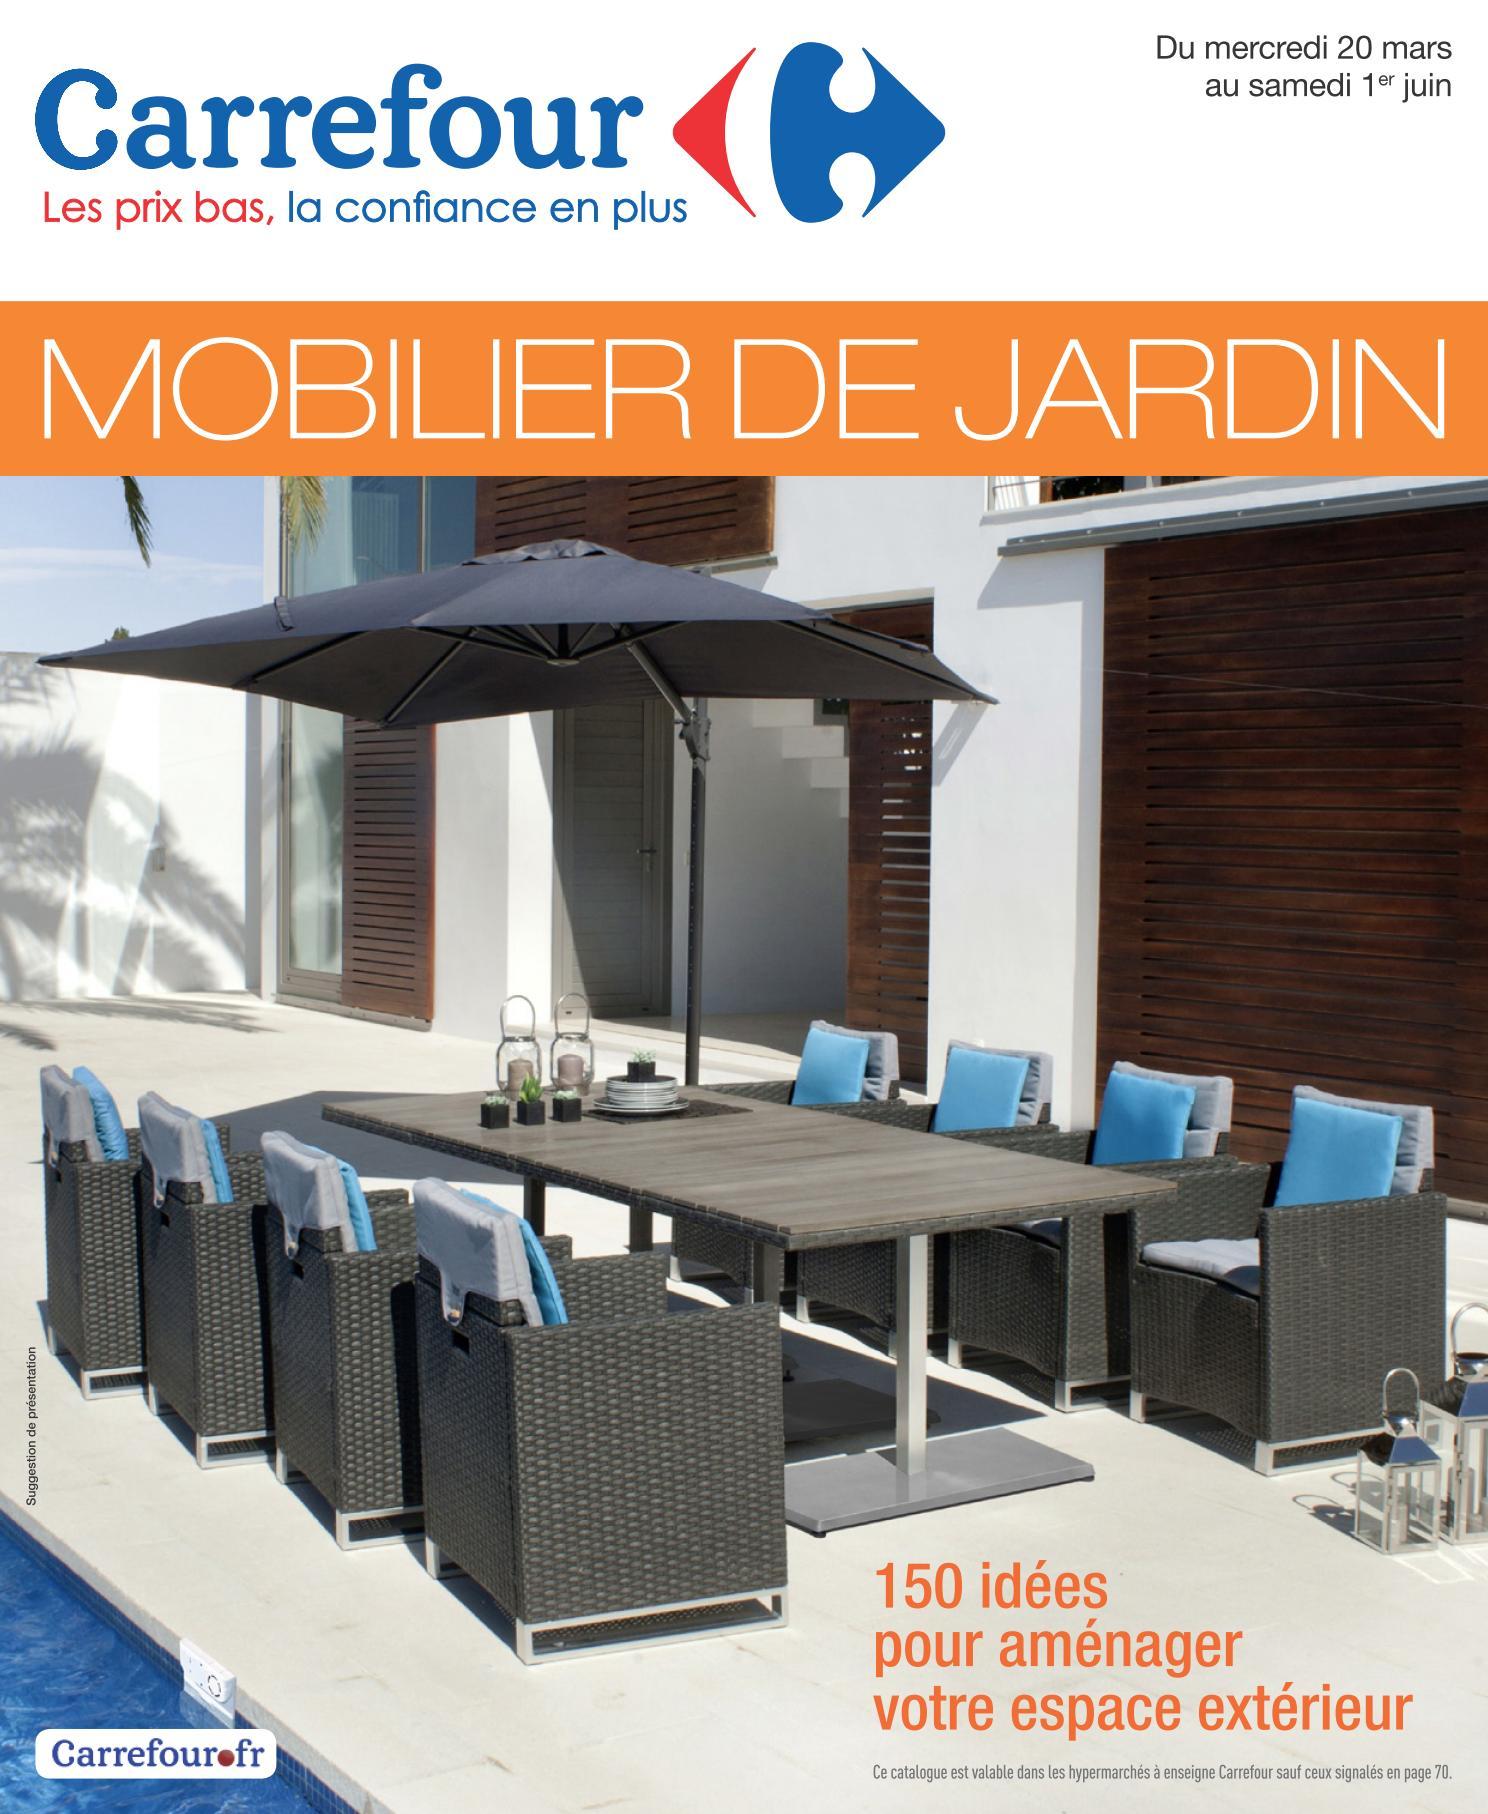 Salon De Jardin A Carrefour - The Best Undercut Ponytail tout Tonnelle De Jardin Pas Cher Carrefour